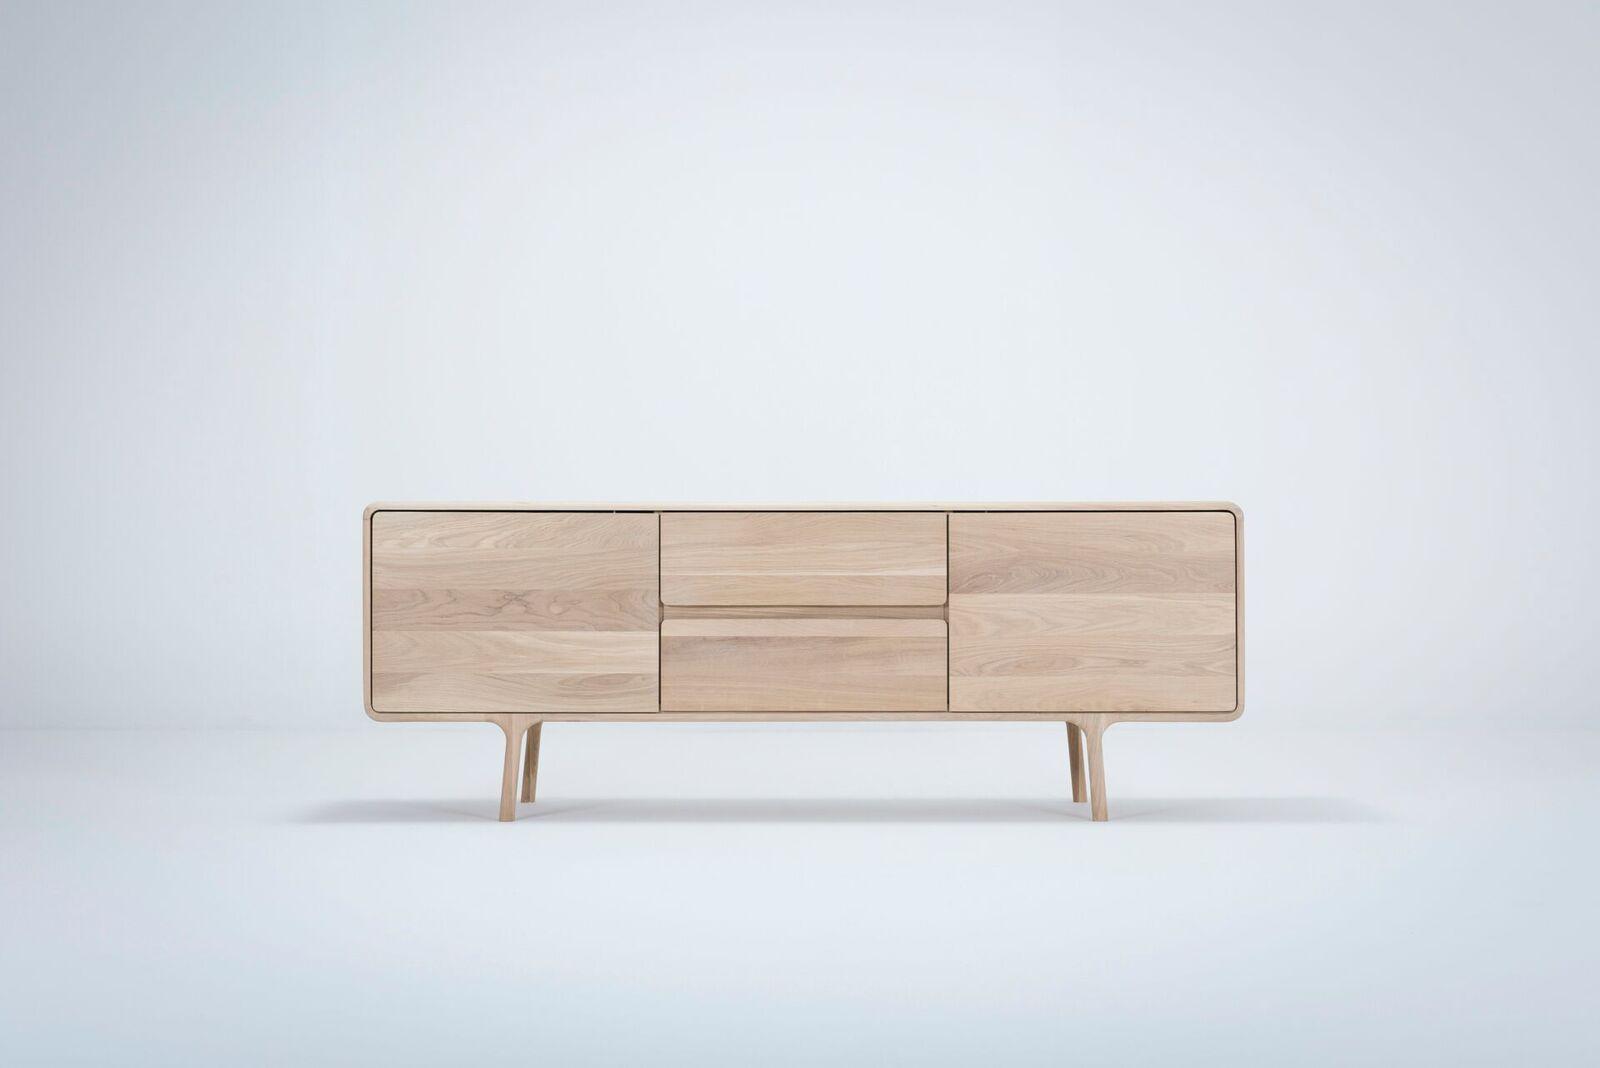 Sympathisch Sideboard 180 Ideen Von Fawn Sideboard; Fawn